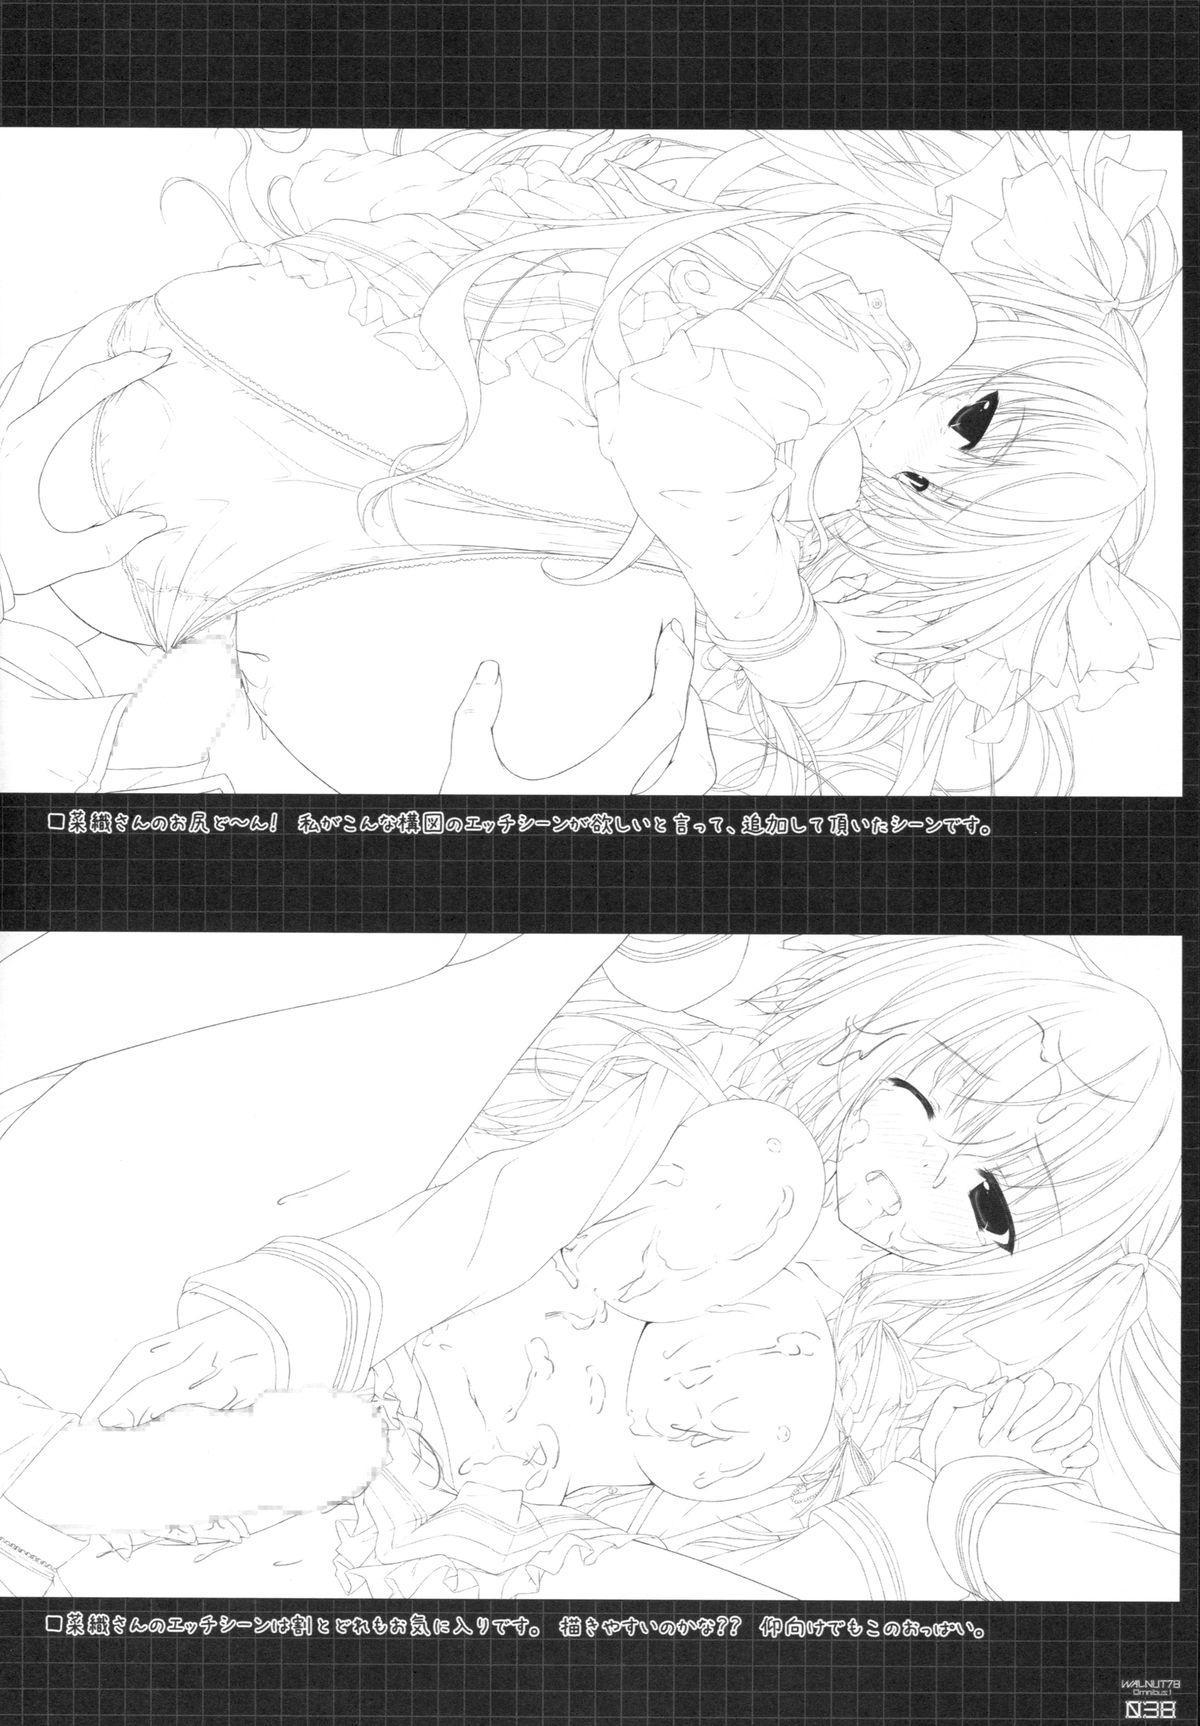 (C89) [Sui-en (Sui-en)] WALNUT78 Omnibus 1 -Suien-en Illustrations 2012-2014- (Various) 35